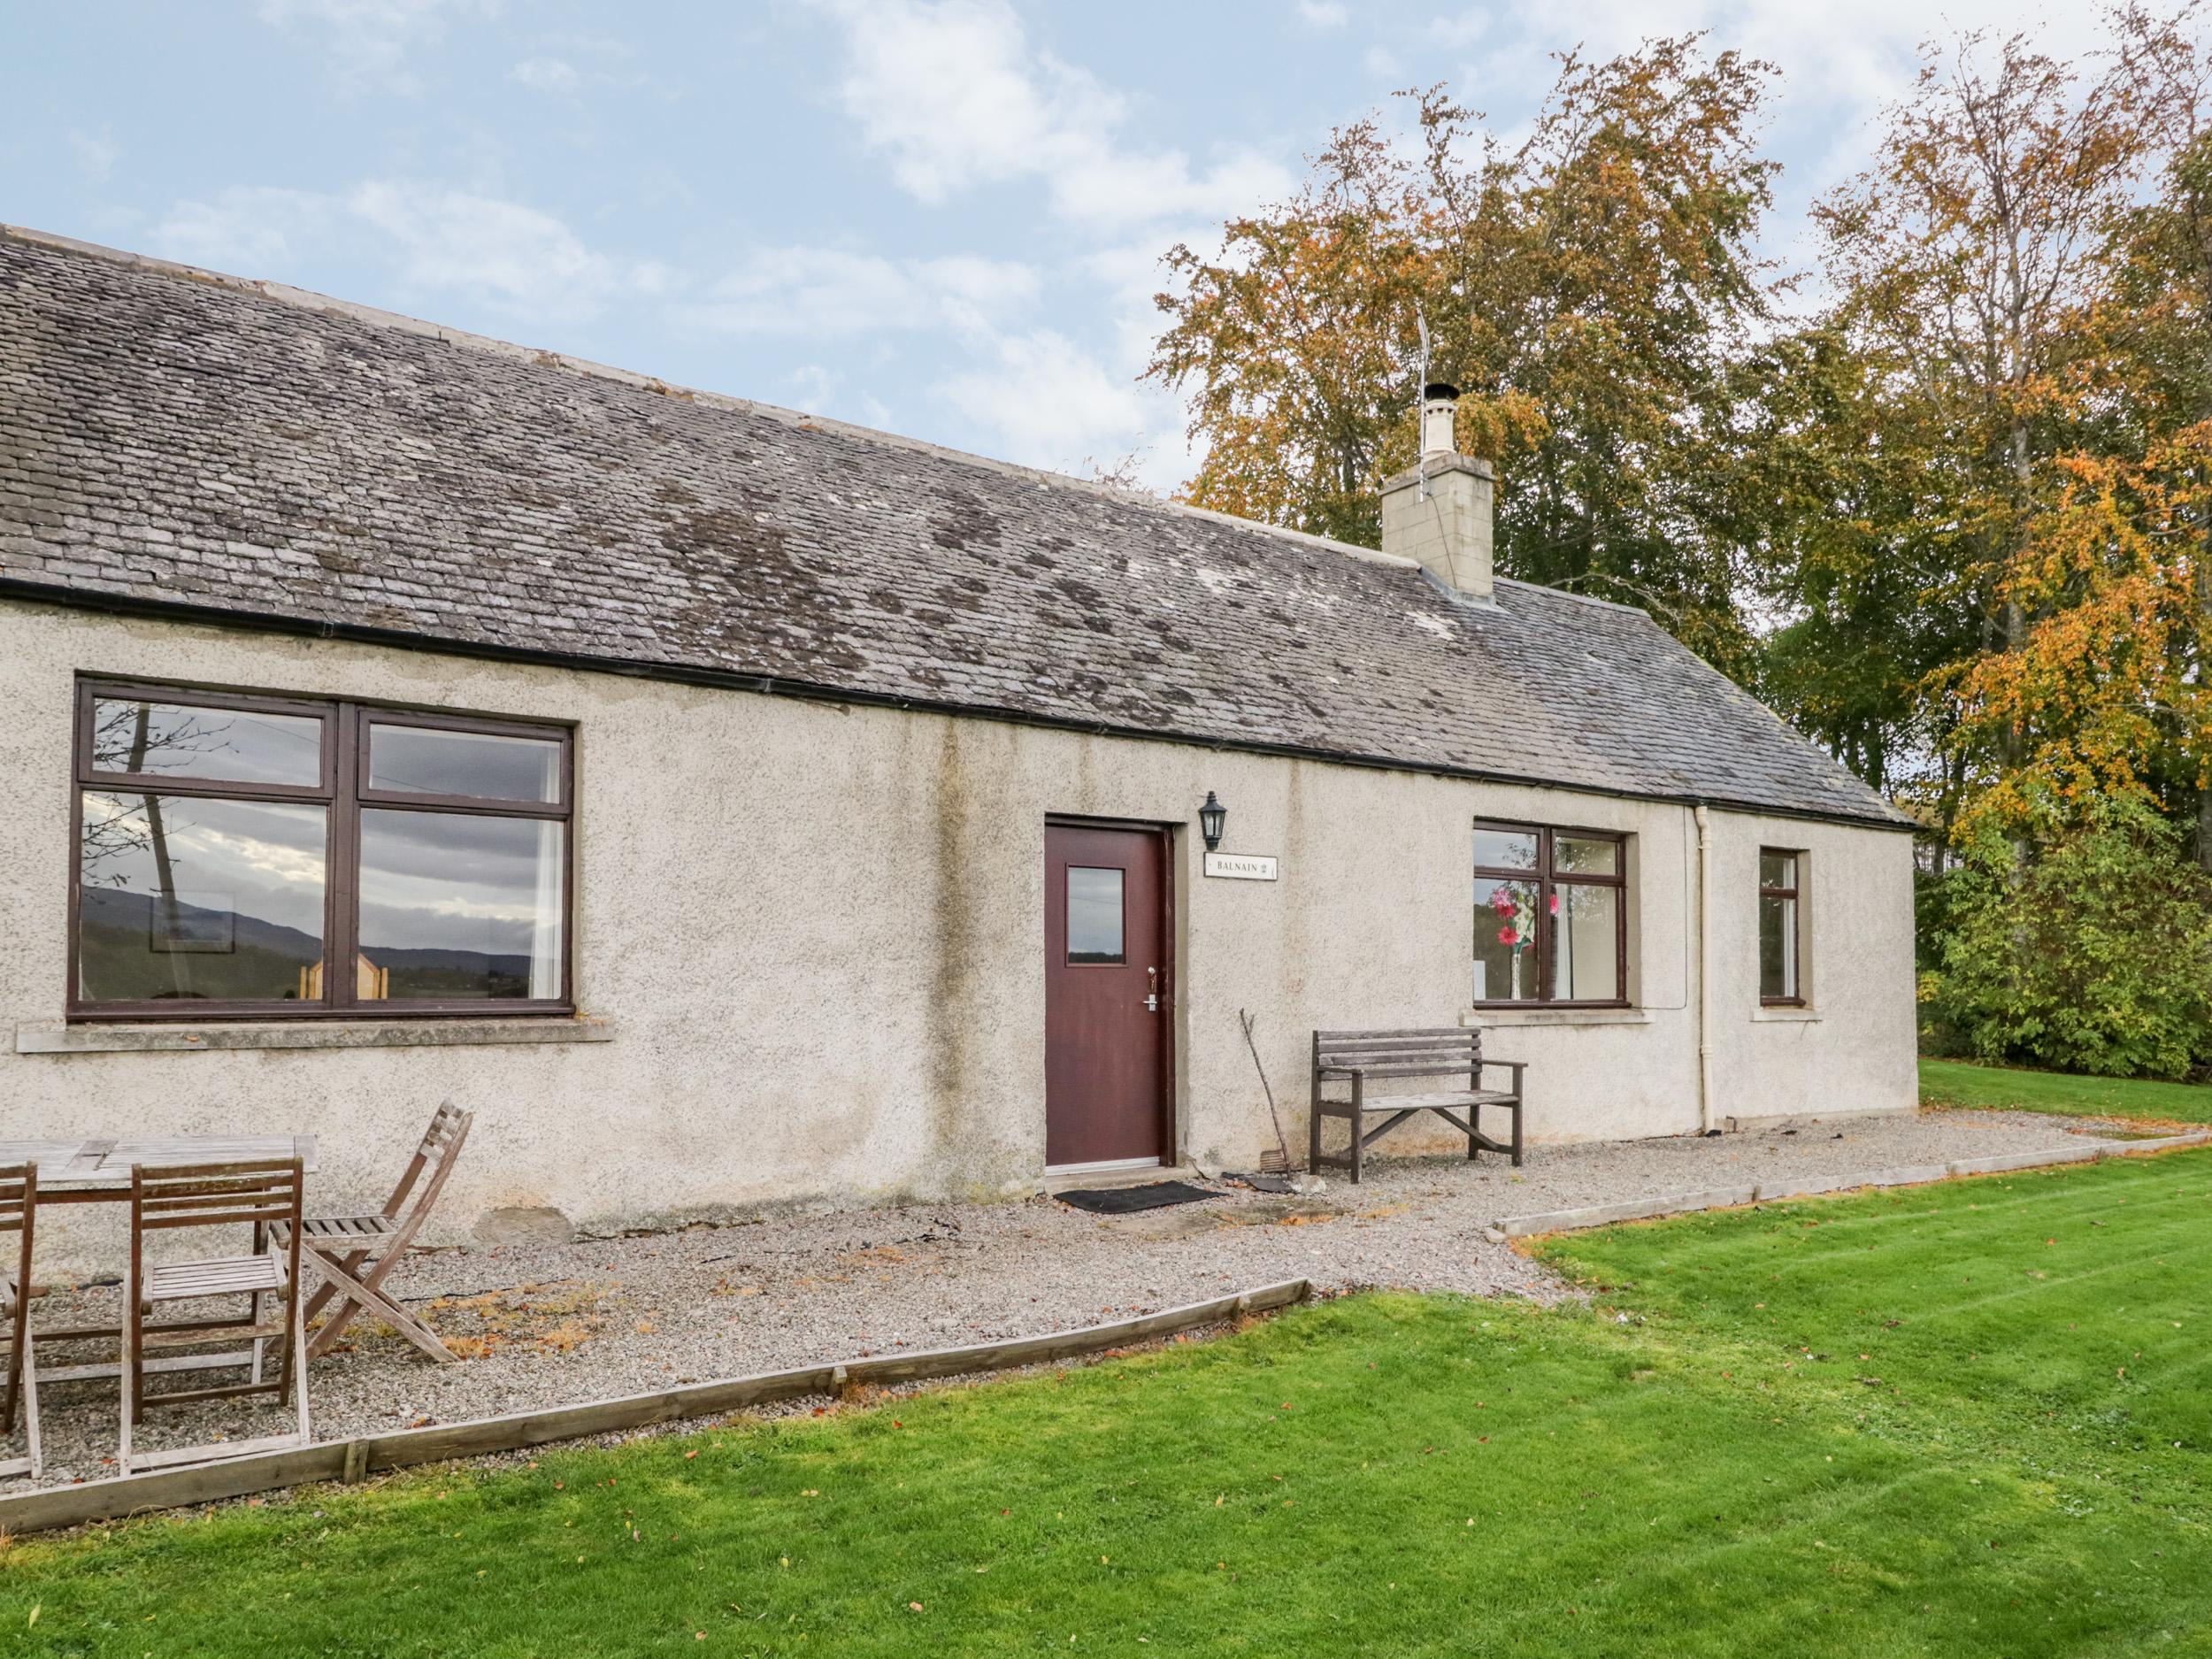 Balnain 2 Holiday Cottage